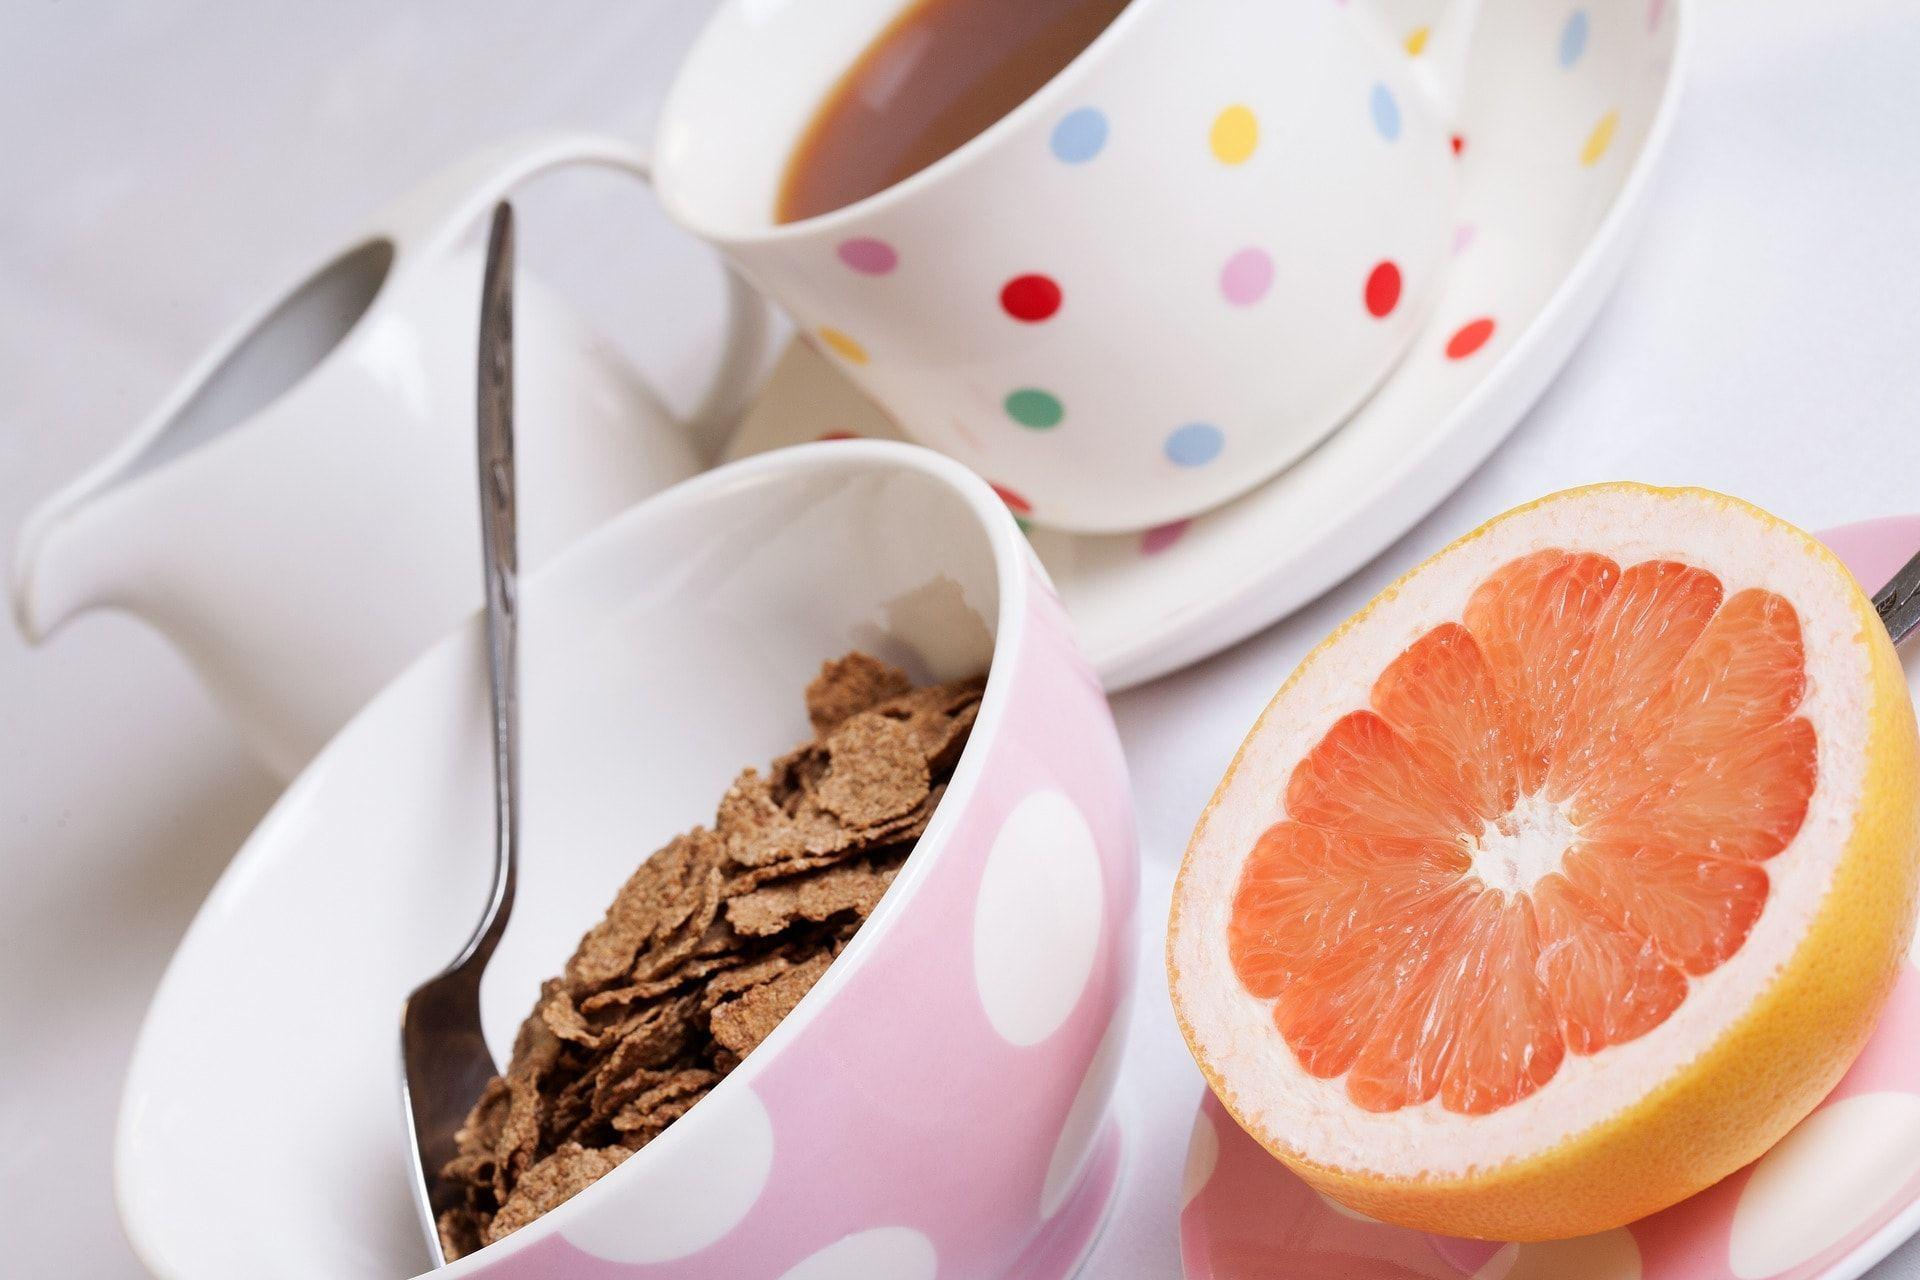 Desayuno con bol y tazas de colores